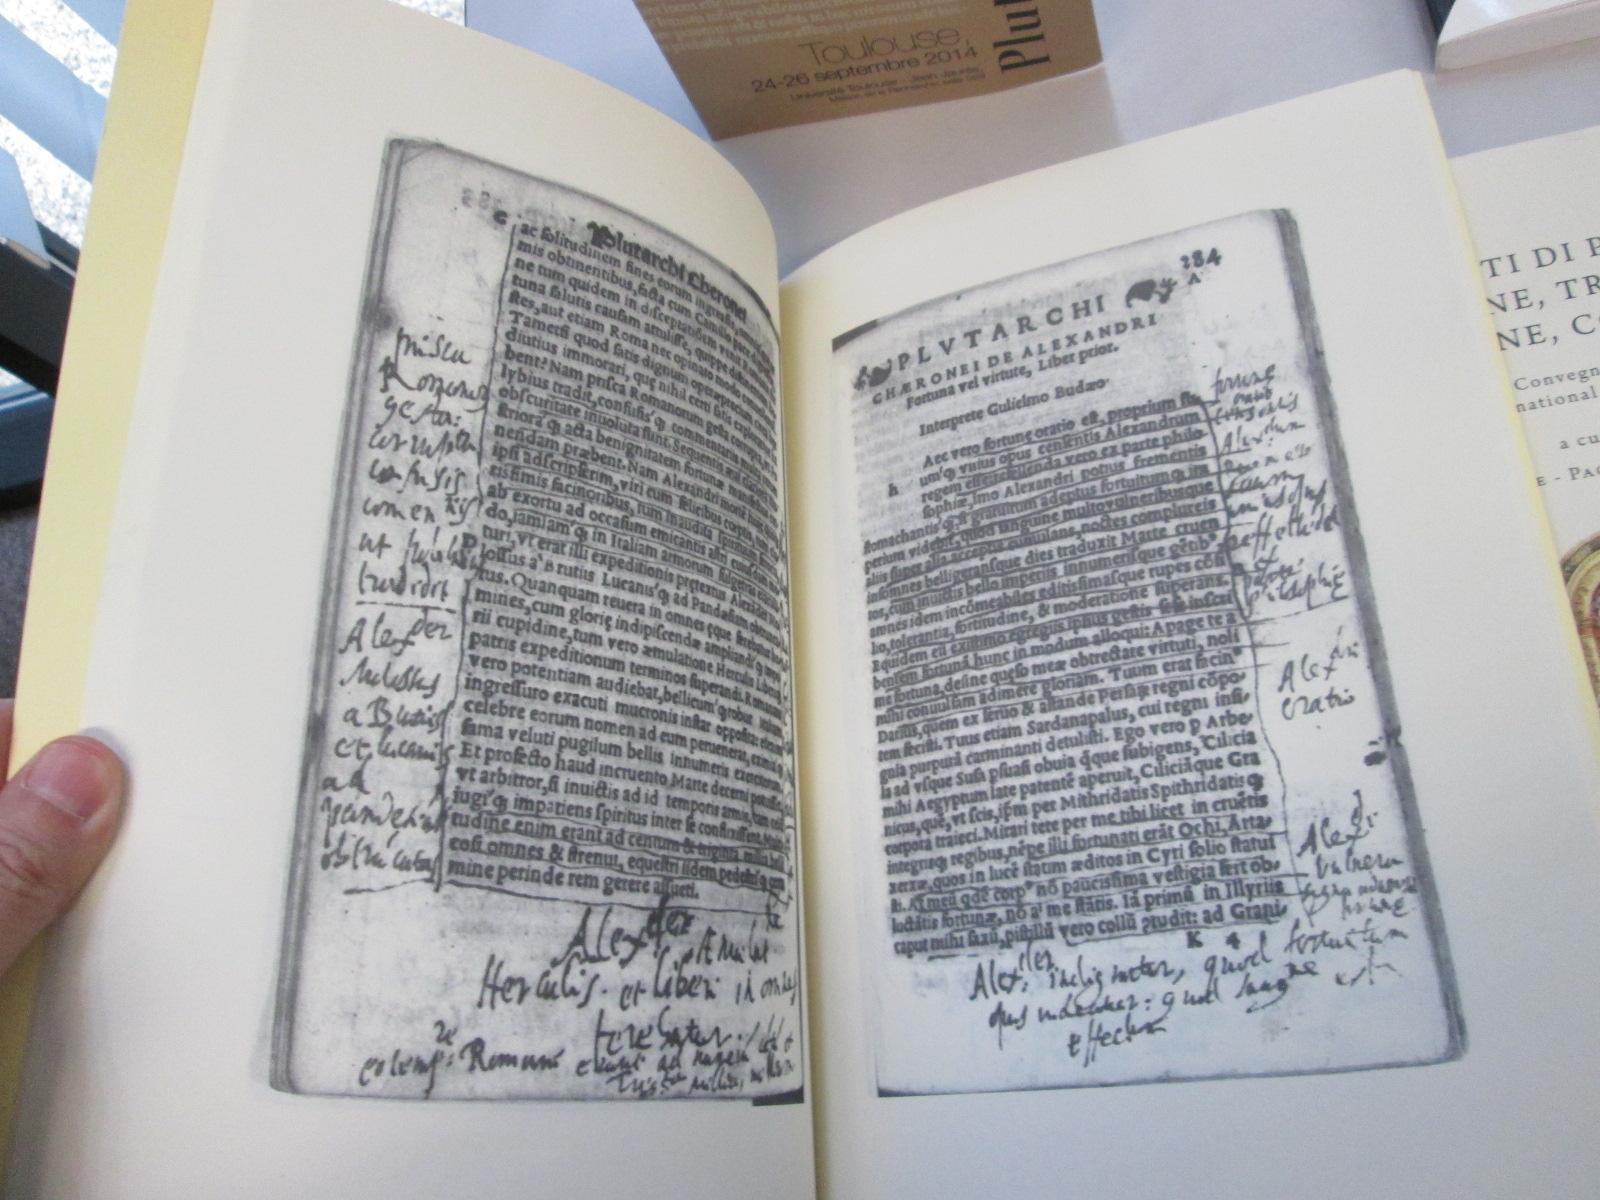 """El facsímil sobre """"La respuesta de Roma a Plutarco"""" escrita por Tasso, en la preciosa edición de la profesora Volpe"""